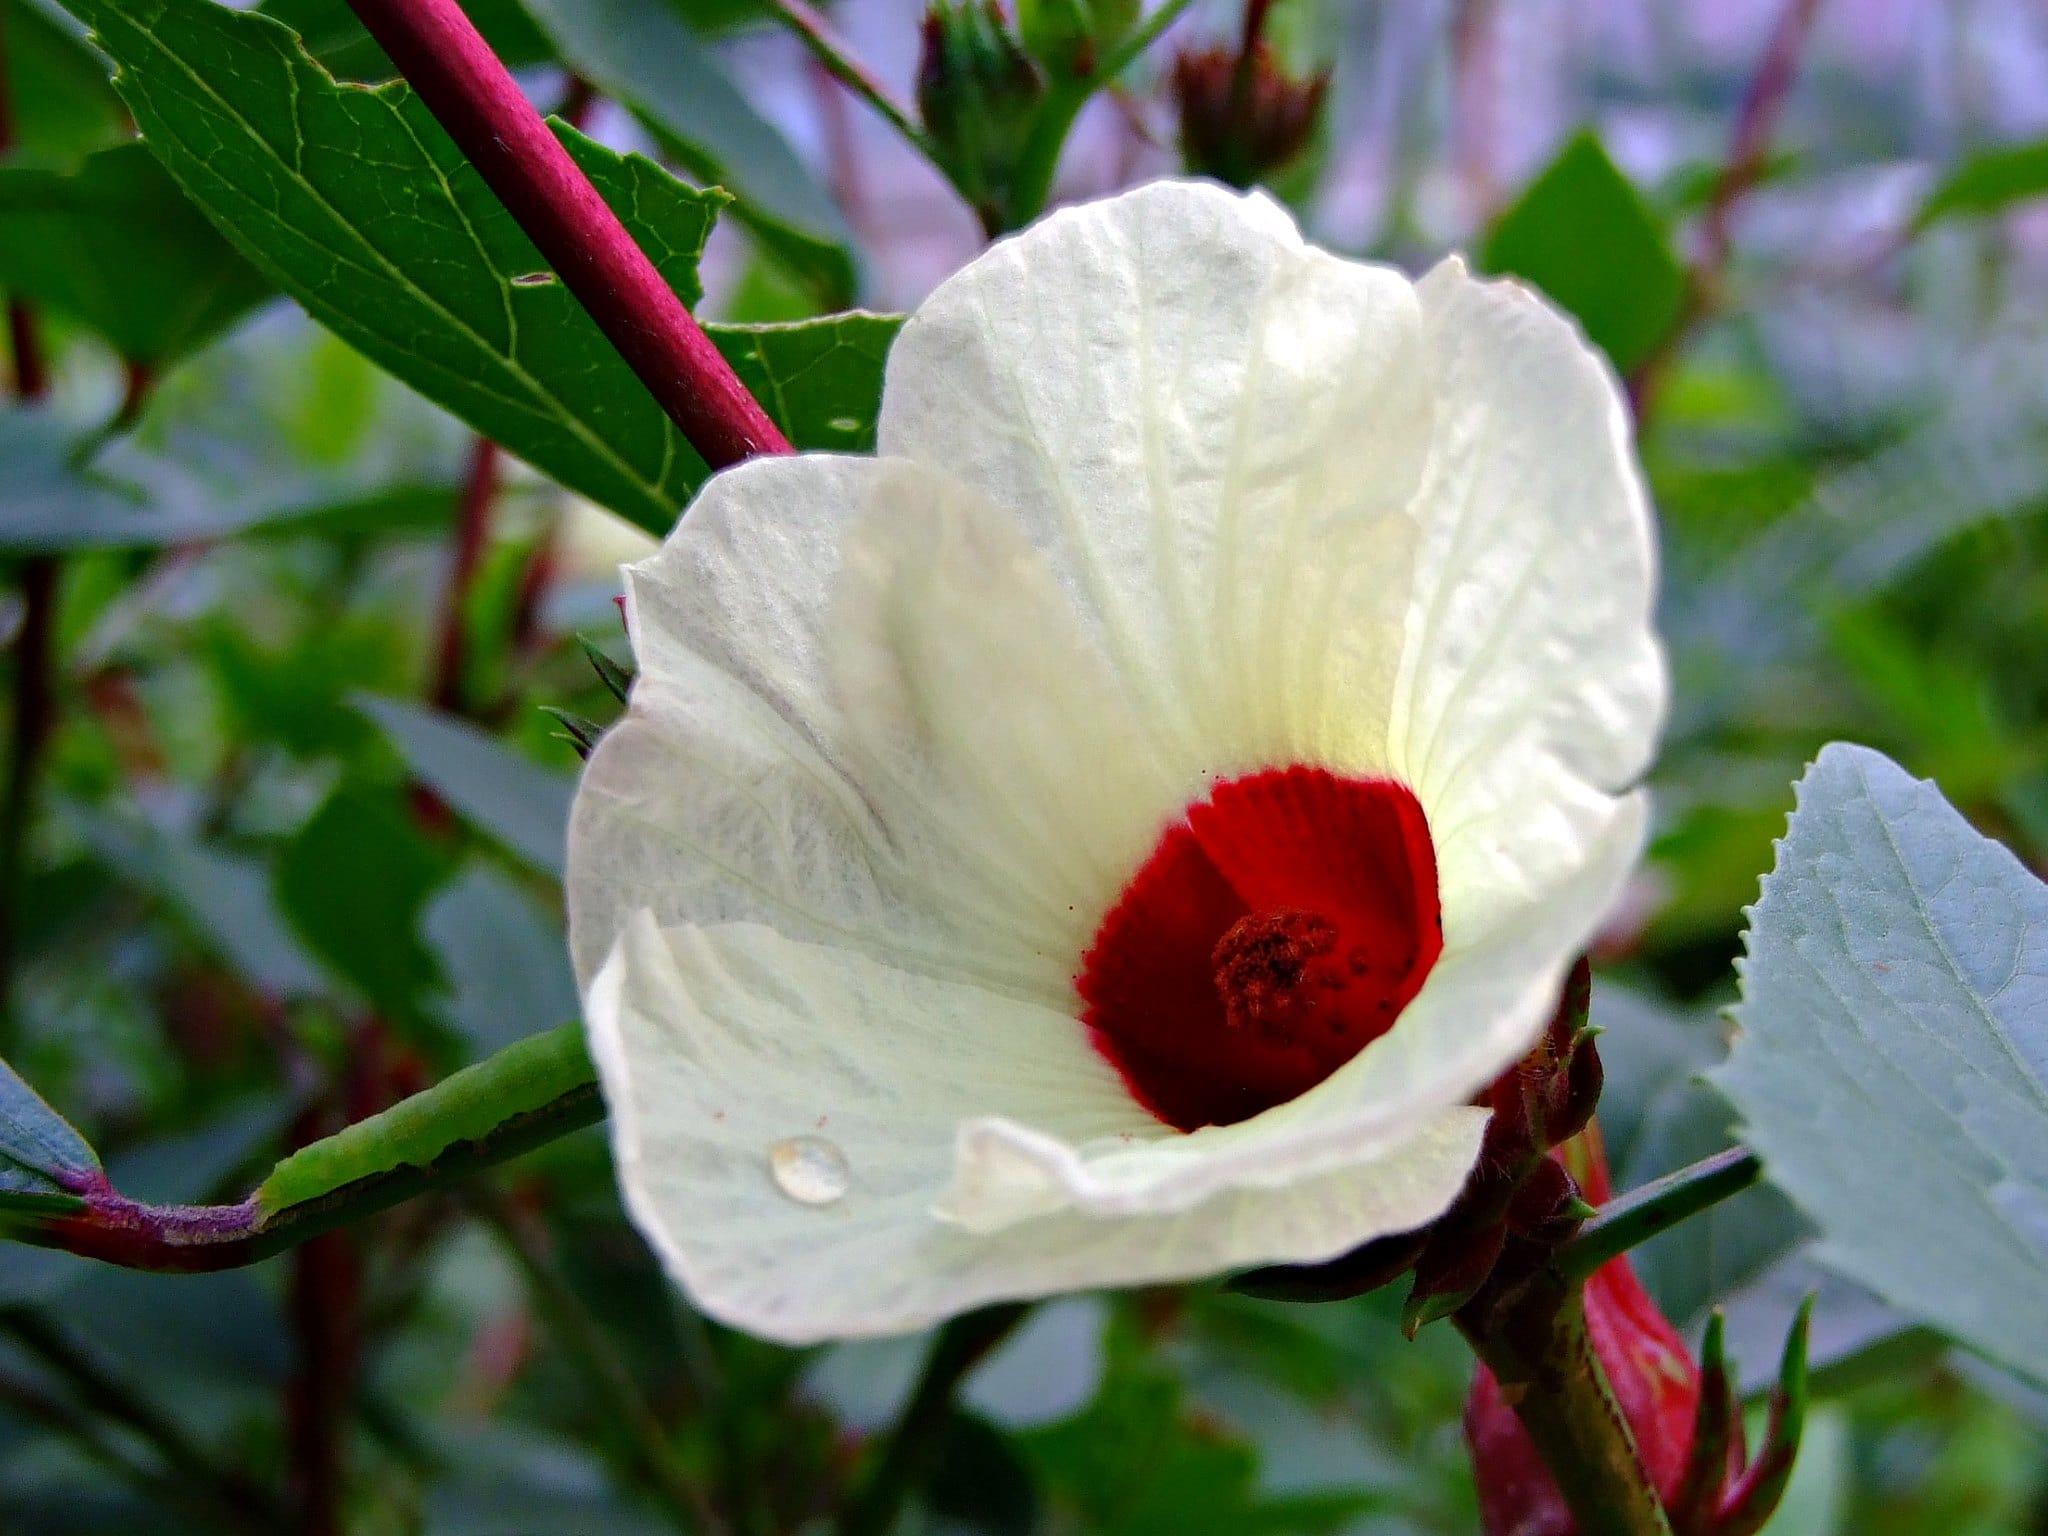 La flor de Jamaica es blanca